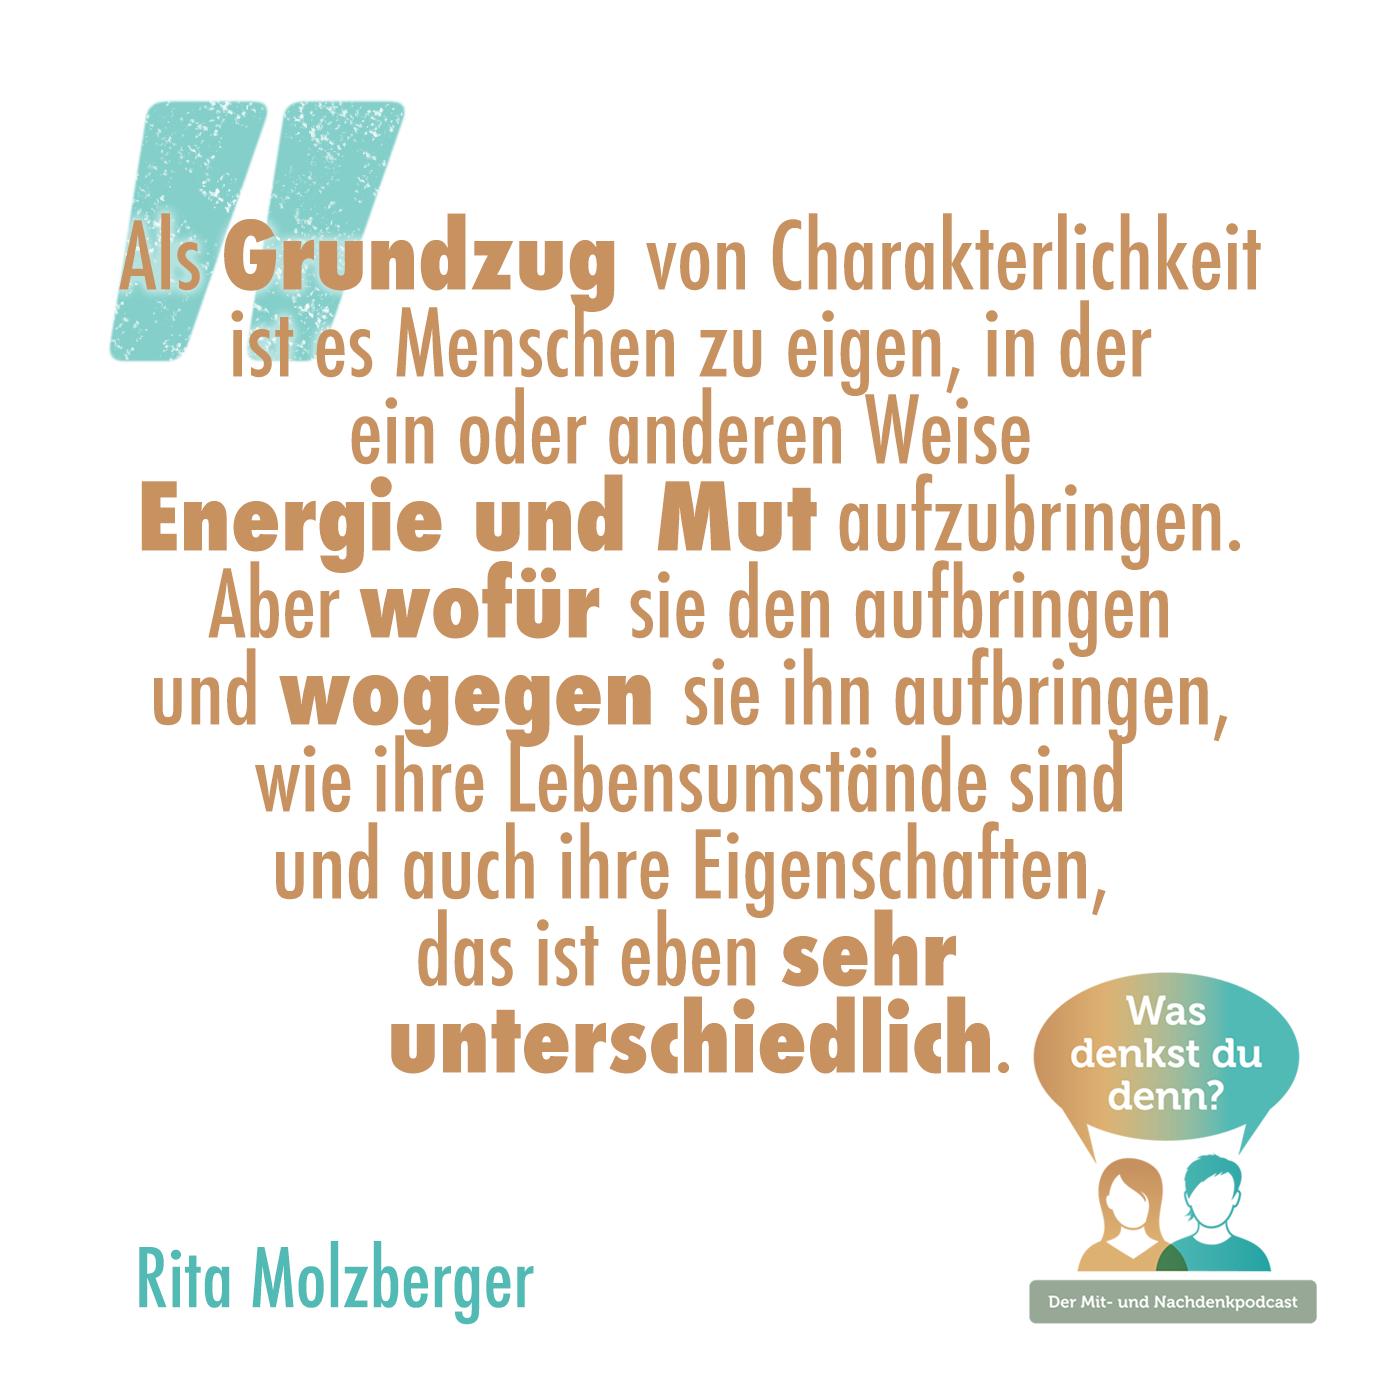 """Zitat von Rita Molzberger: """"Als Grundzug von Charakterlichkeit ist es Menschen zu eigen, in der ein oder anderen Weise Energie und Mut aufzubringen. Aber wofür sie den aufbringen und wogegen sie ihn aufbringen, wie ihre Lebensumstände sind und auch ihre Eigenschaften, das ist eben sehr unterschiedlich."""""""